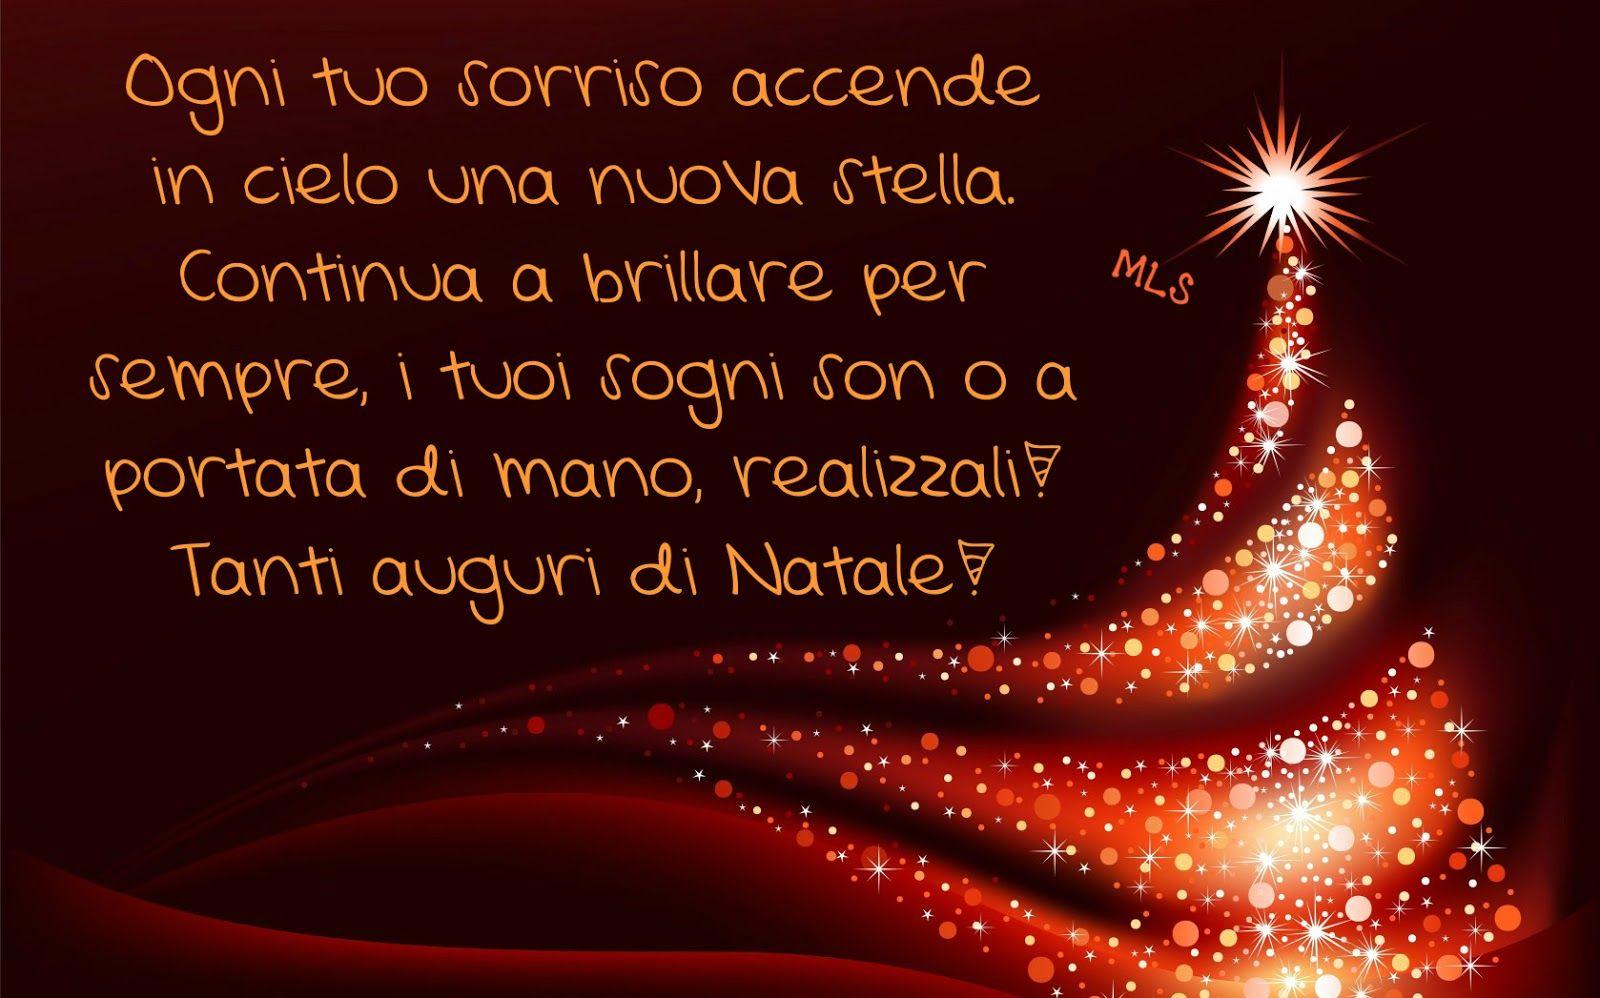 Pensieri Auguri Di Natale.Continua A Brillare Per Sempre I Tuoi Sogni Son O A Portata